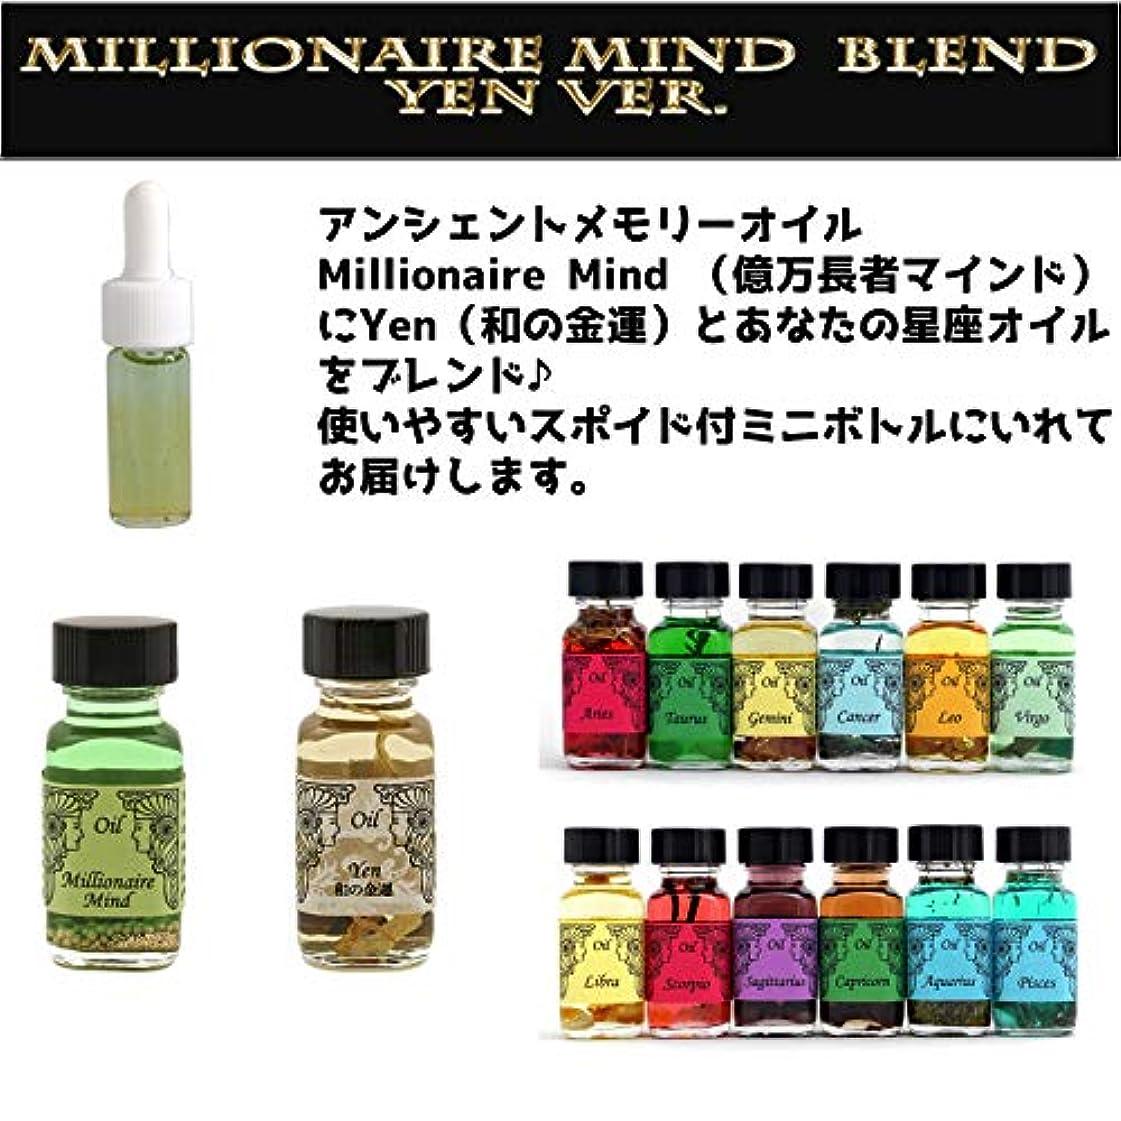 達成漫画精算アンシェントメモリーオイル Millionaire Mind 億万長者マインド ブレンド【Yen 和の金運&うお座】